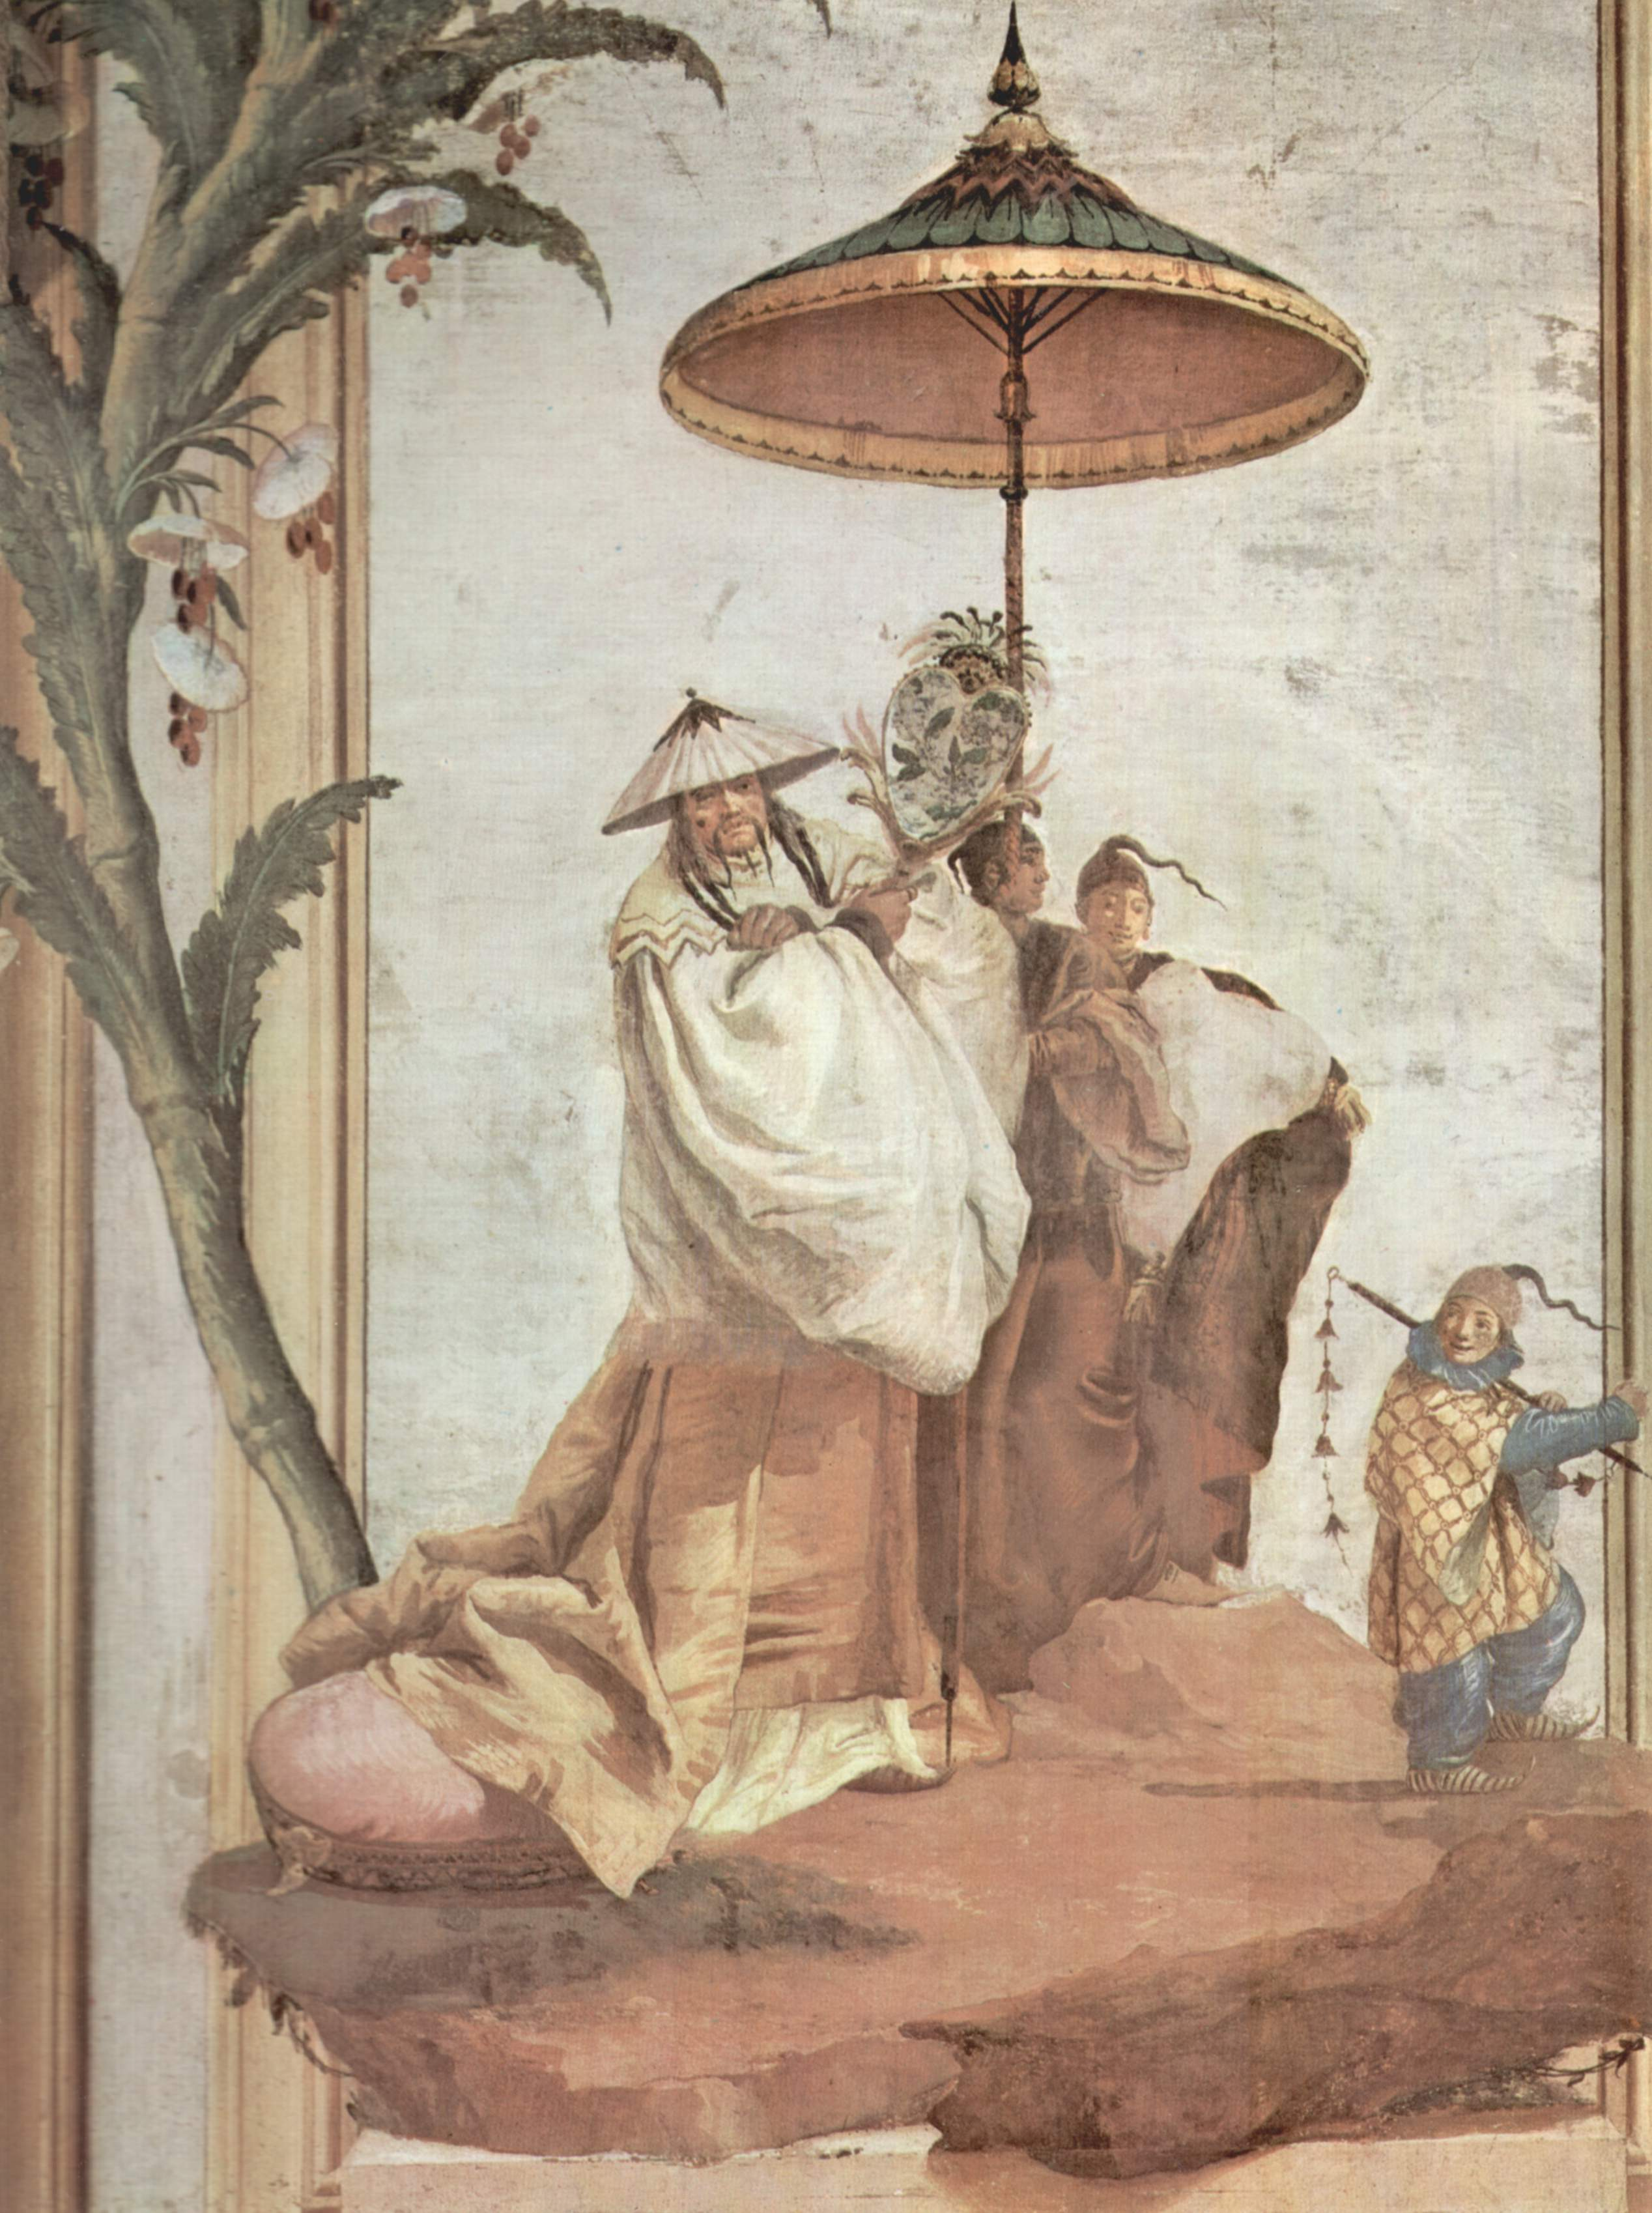 Опера `Плащ` (1918; `Триптих`, I), - Пуччини, Джакомо